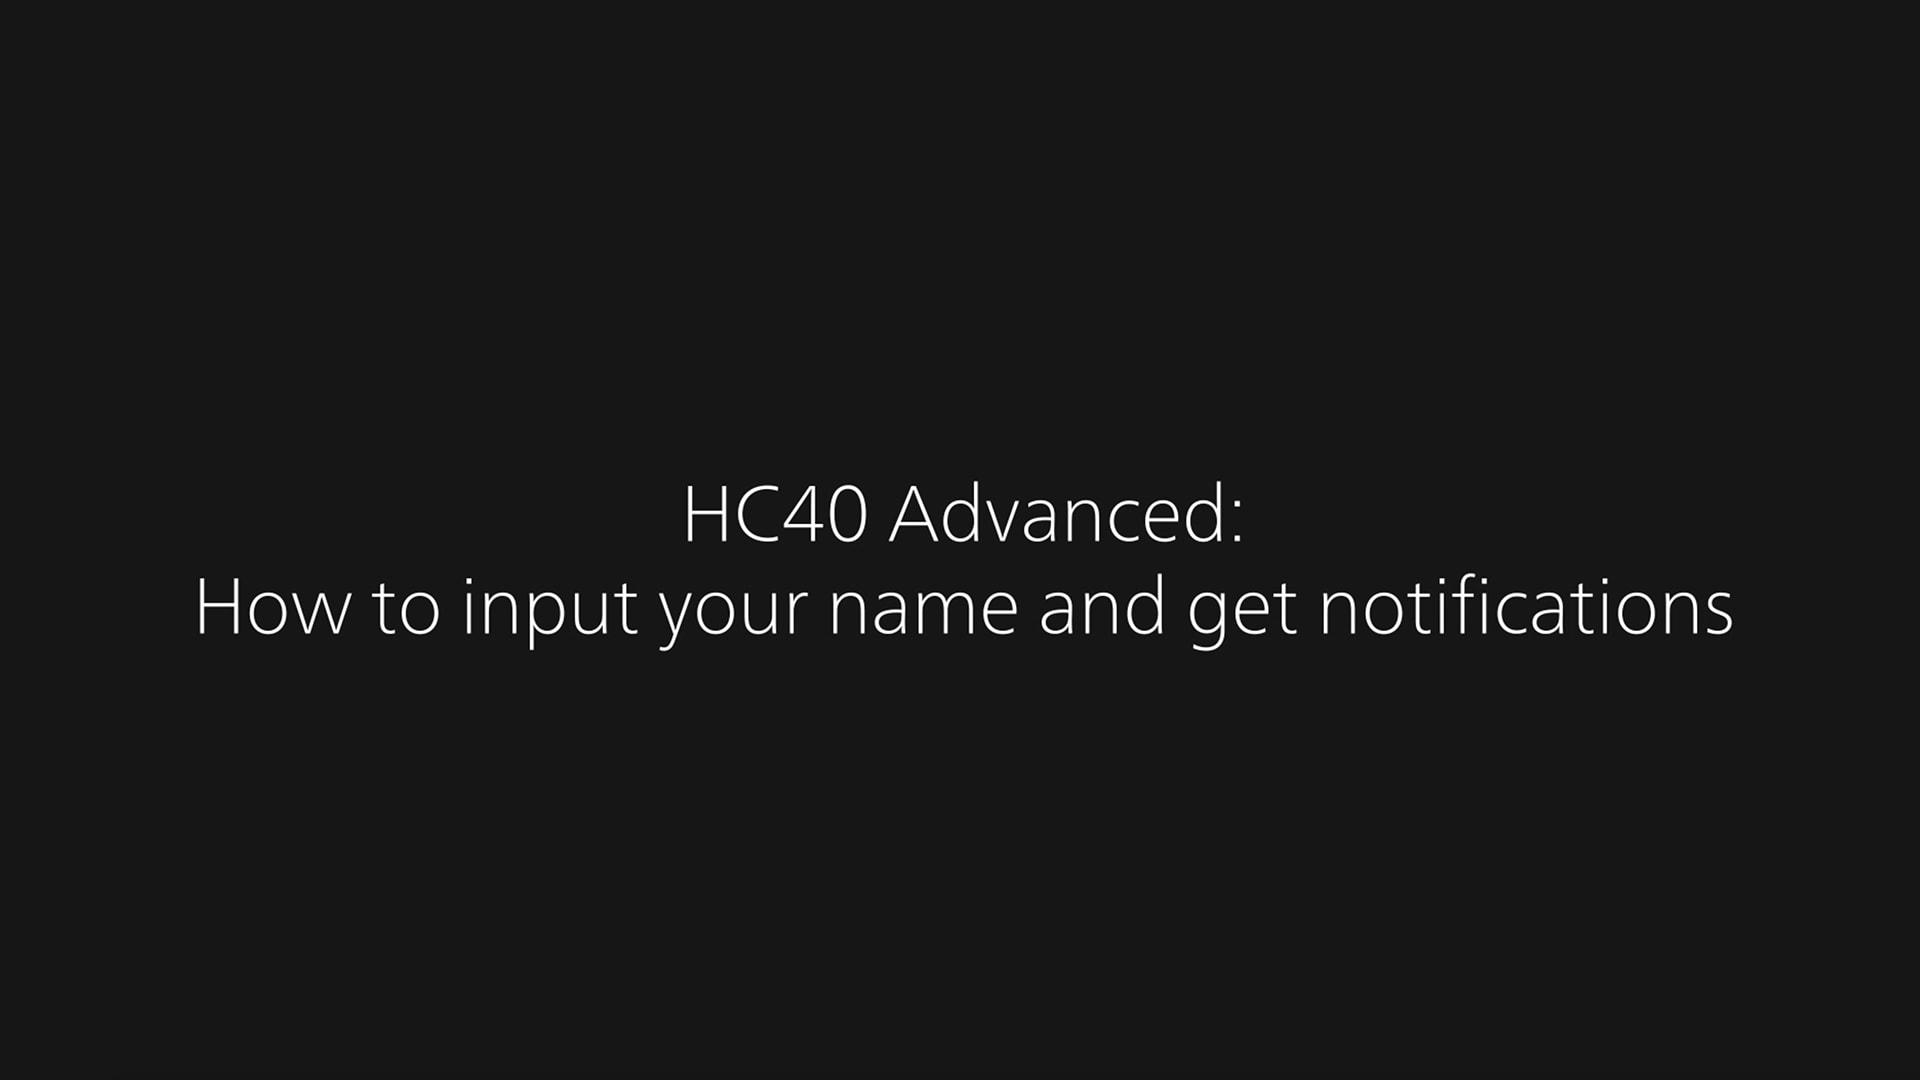 HC40 Advanced Cómo introducir su nombre y recibir notificaciones